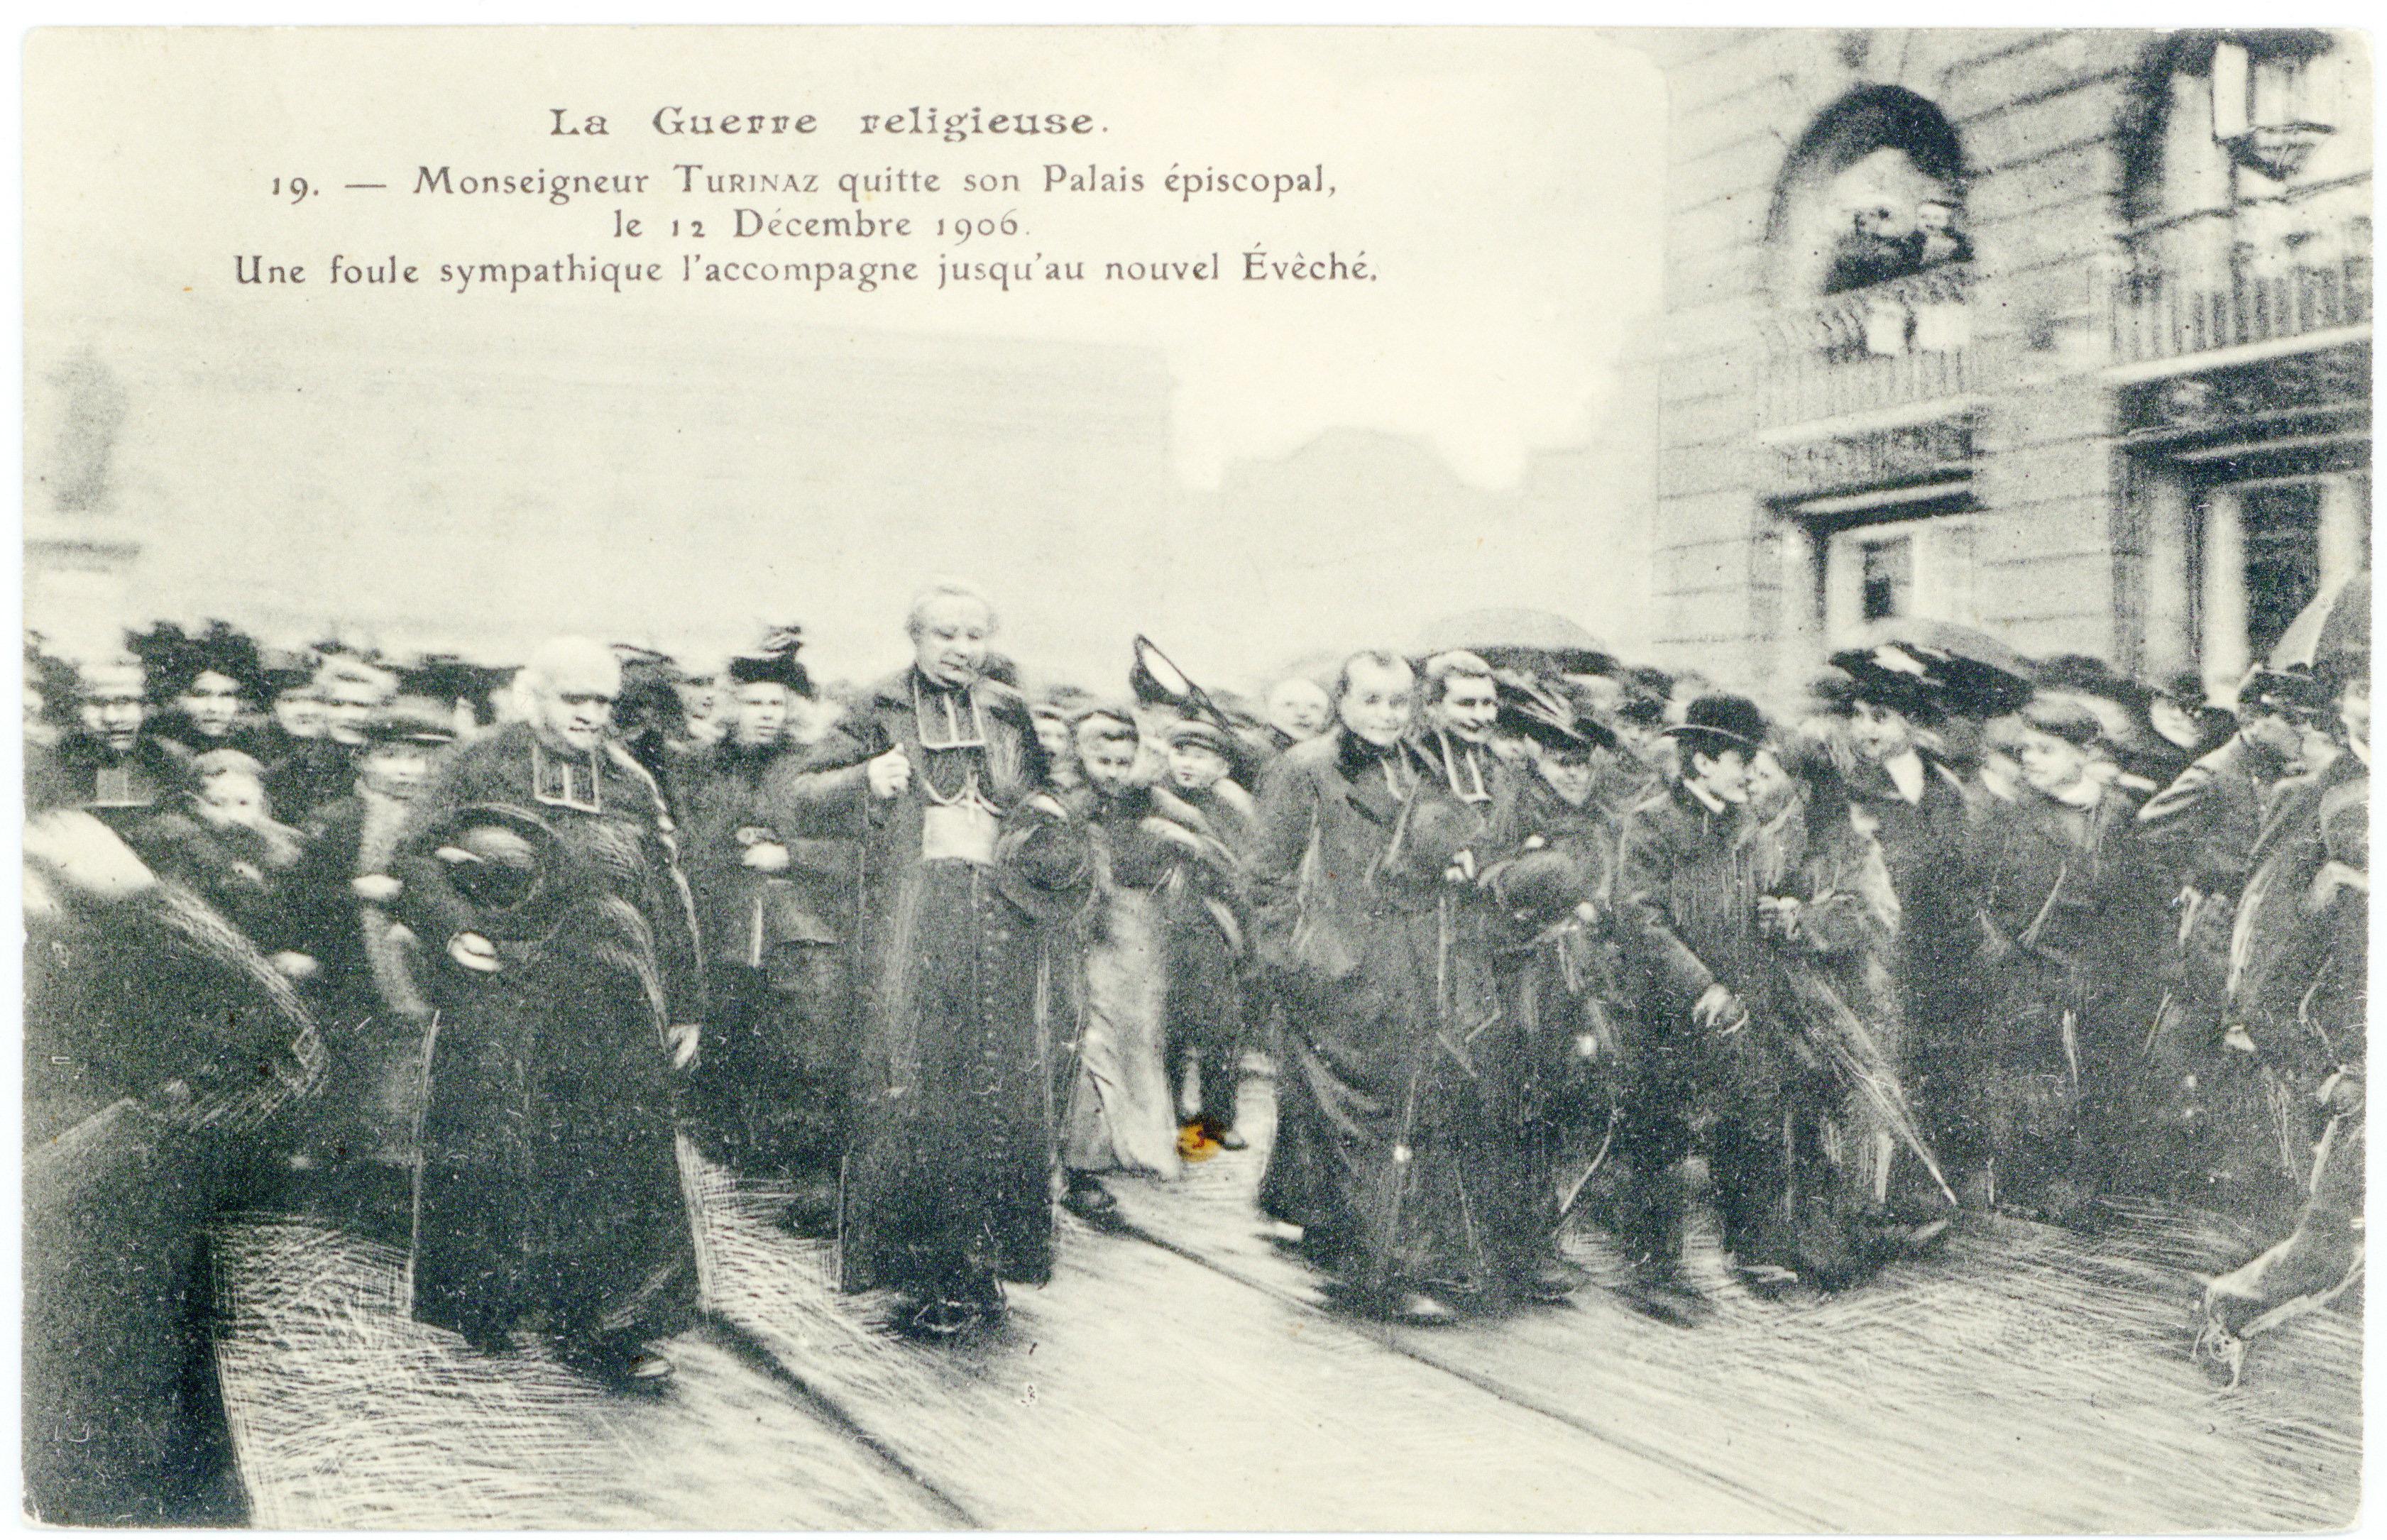 Contenu du Monseigneur Turinaz quitte son palais épiscopal, le 12 décembre 1906. Une foule sympathique l'accompagne jusqu'au nouvel évêché. La guerre religieuse